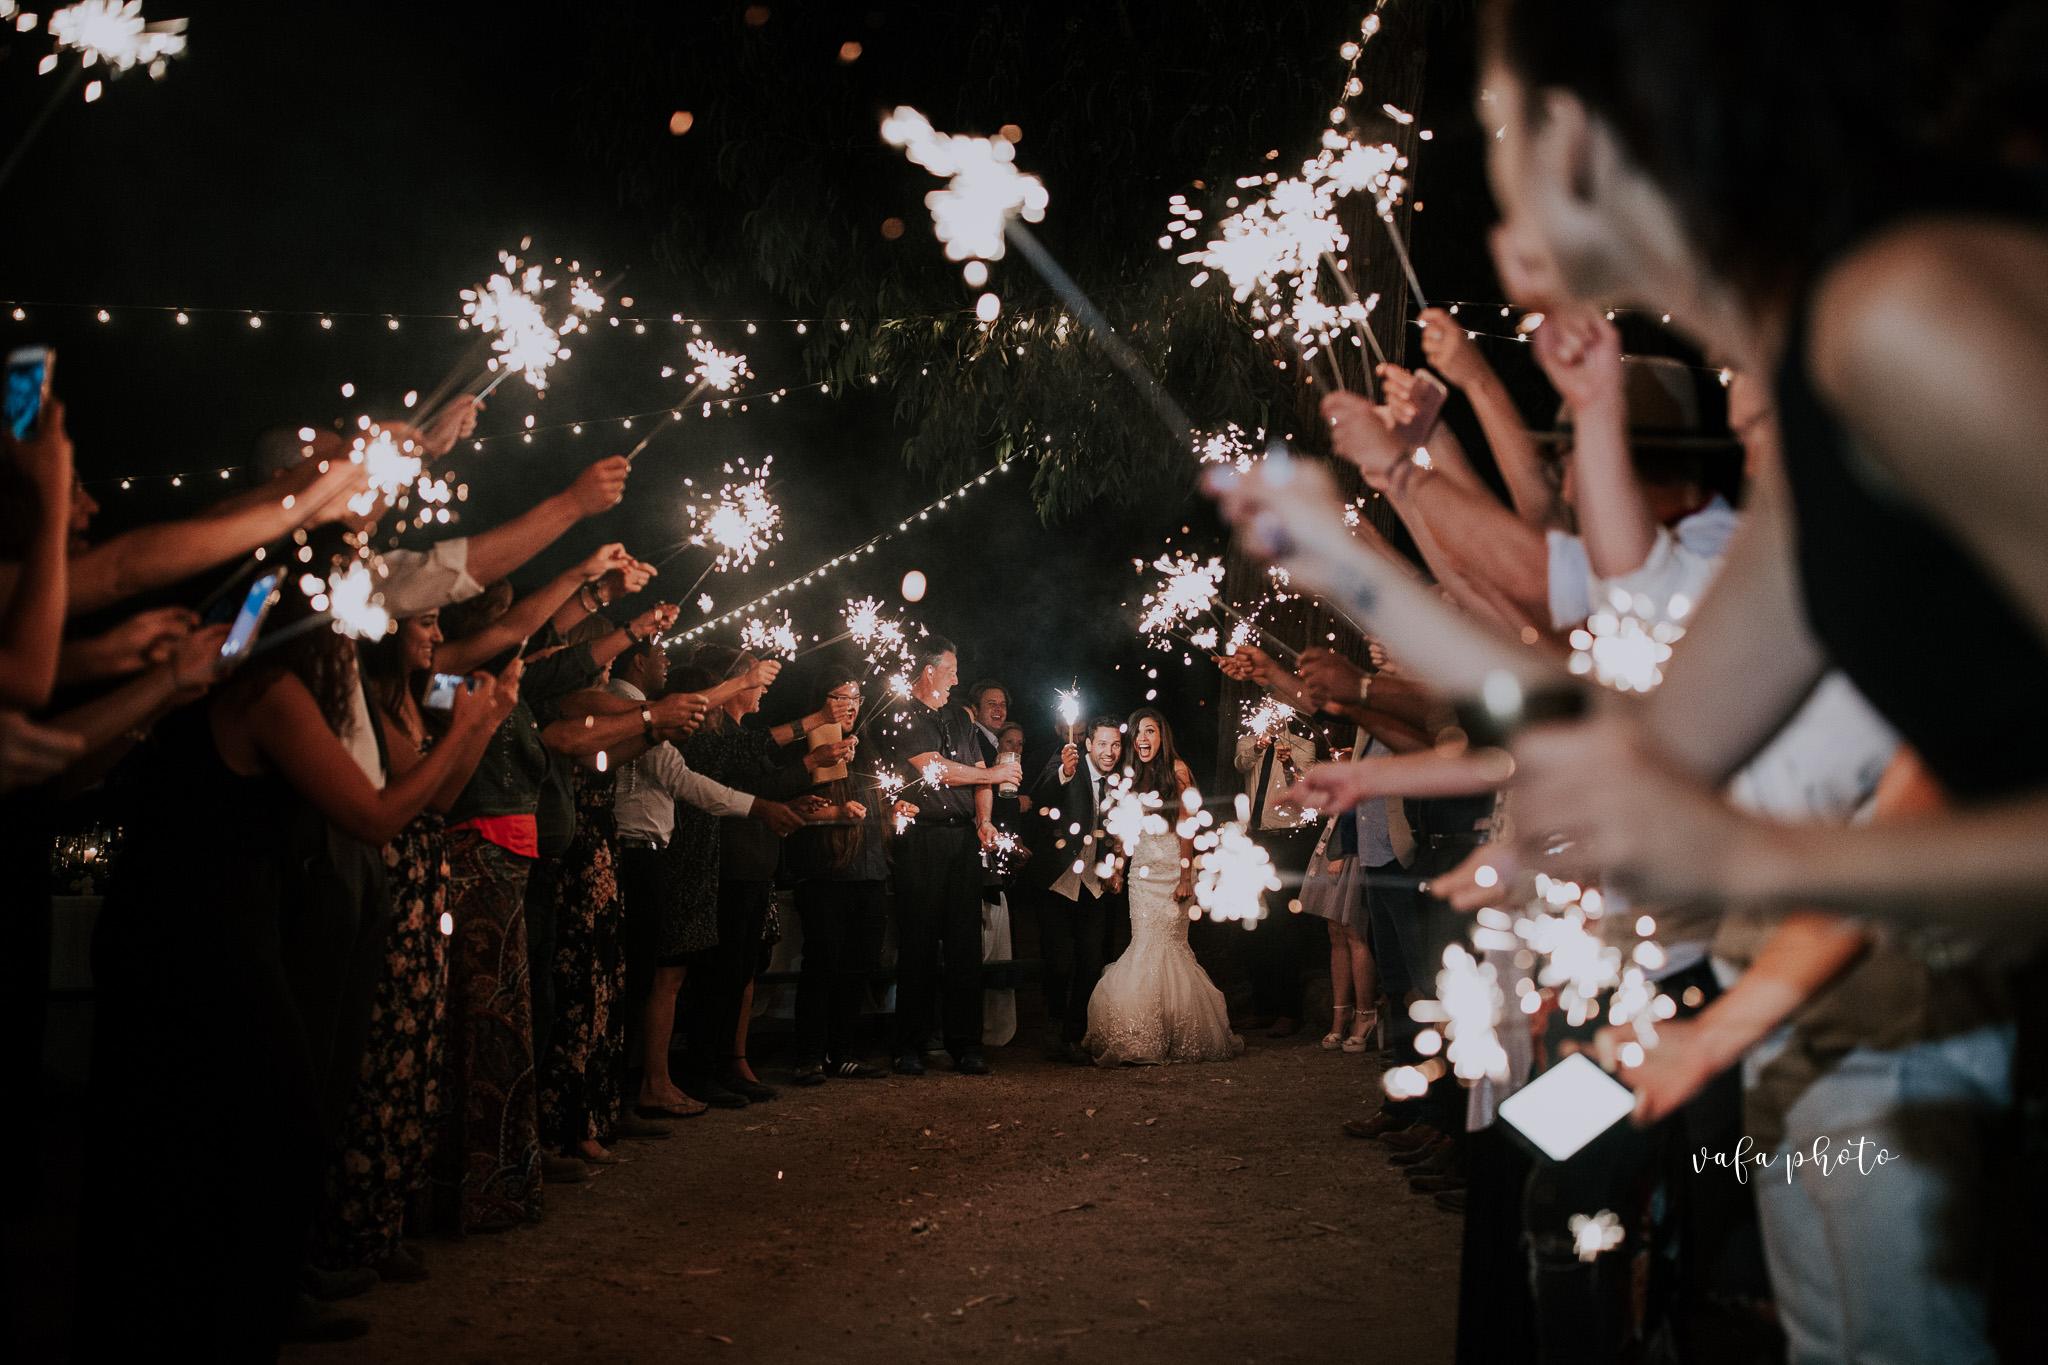 Southern-California-Wedding-Britt-Nilsson-Jeremy-Byrne-Vafa-Photo-1119.jpg